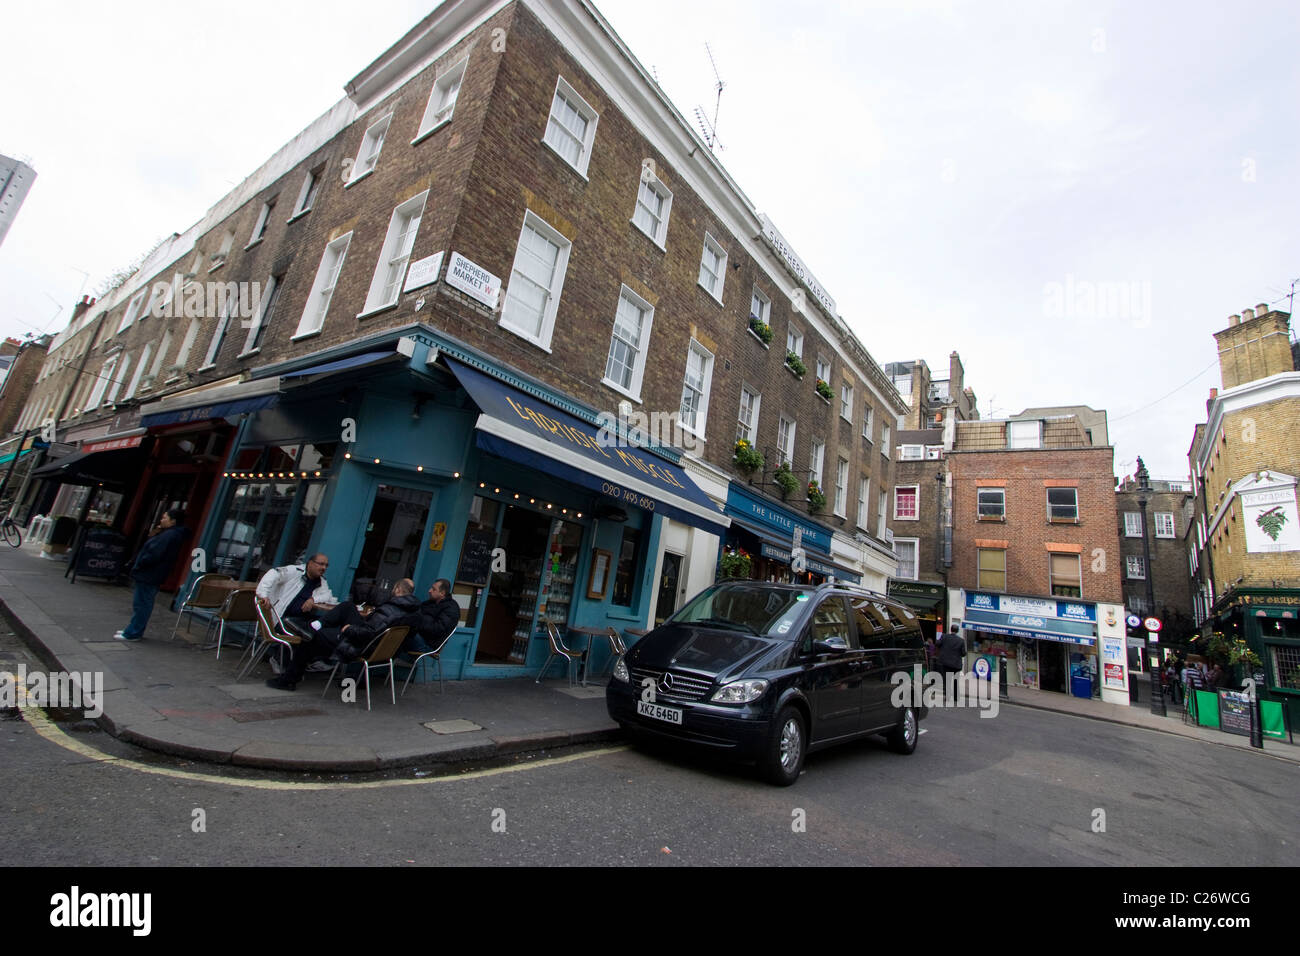 Shepherds Market London - Stock Image